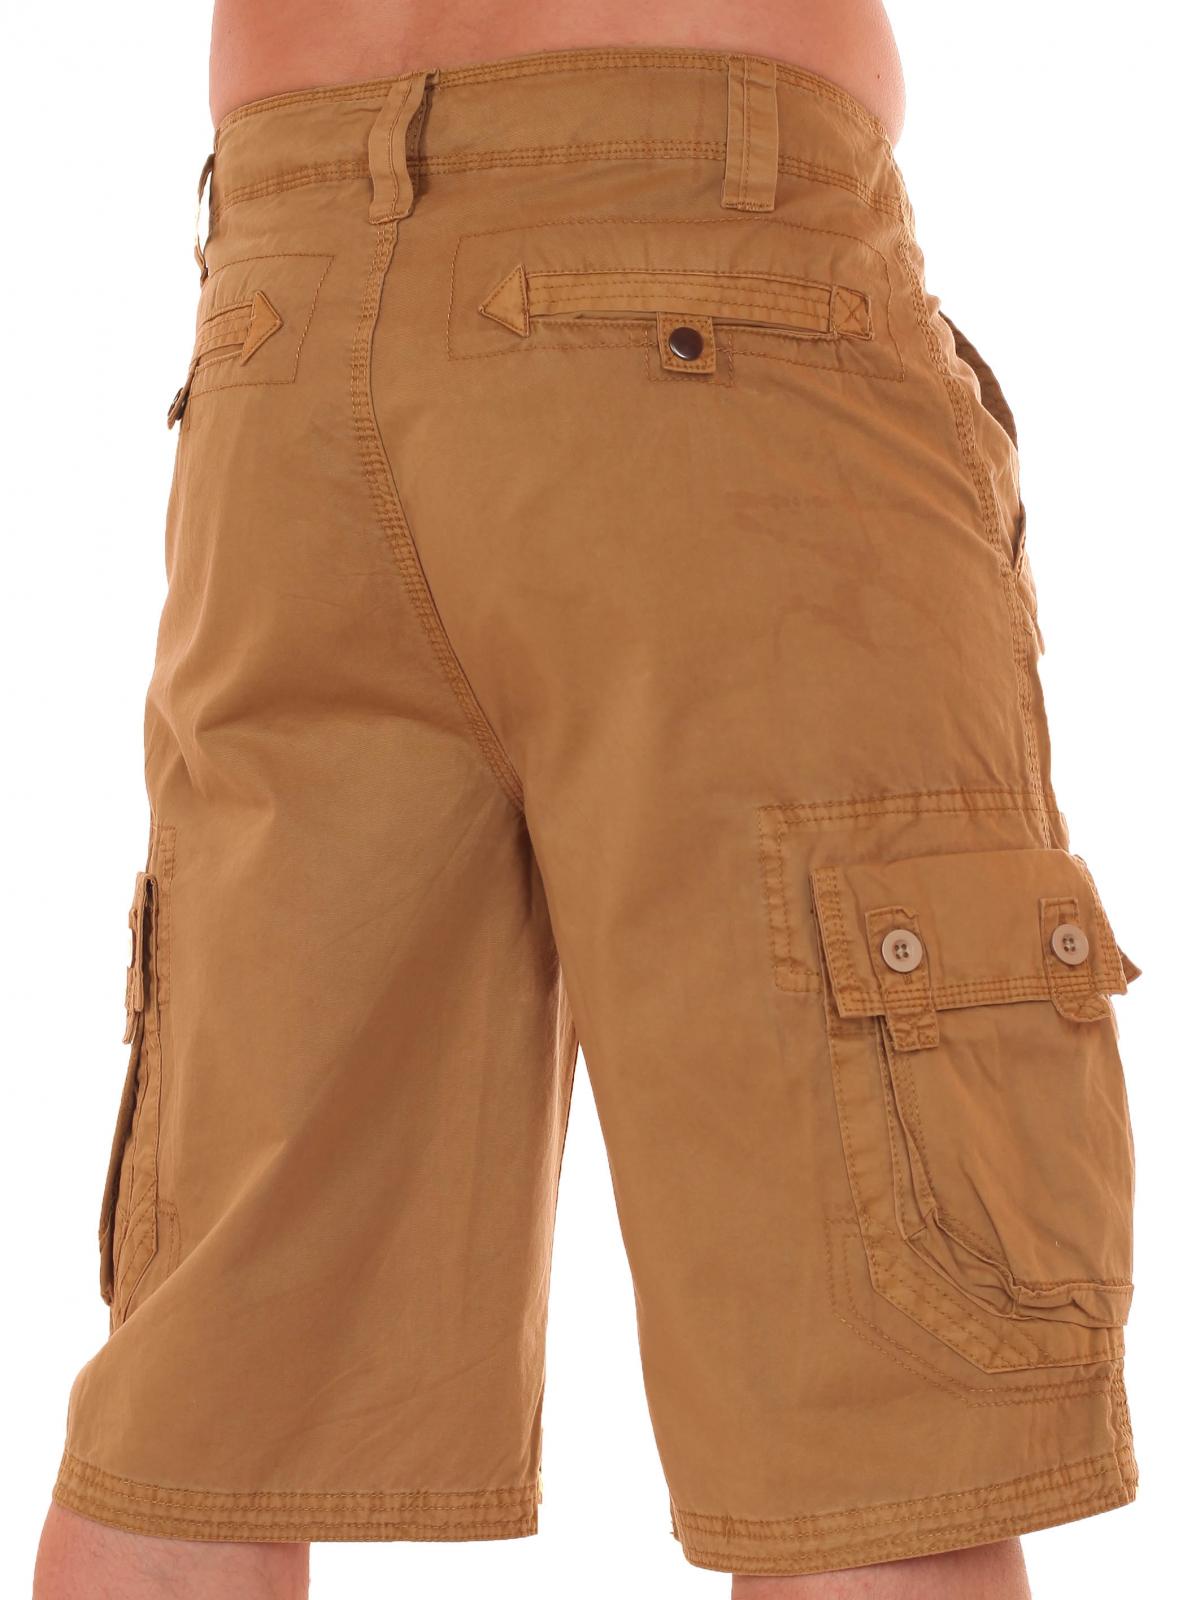 Заказать модные мужские шорты от бренда Grind House